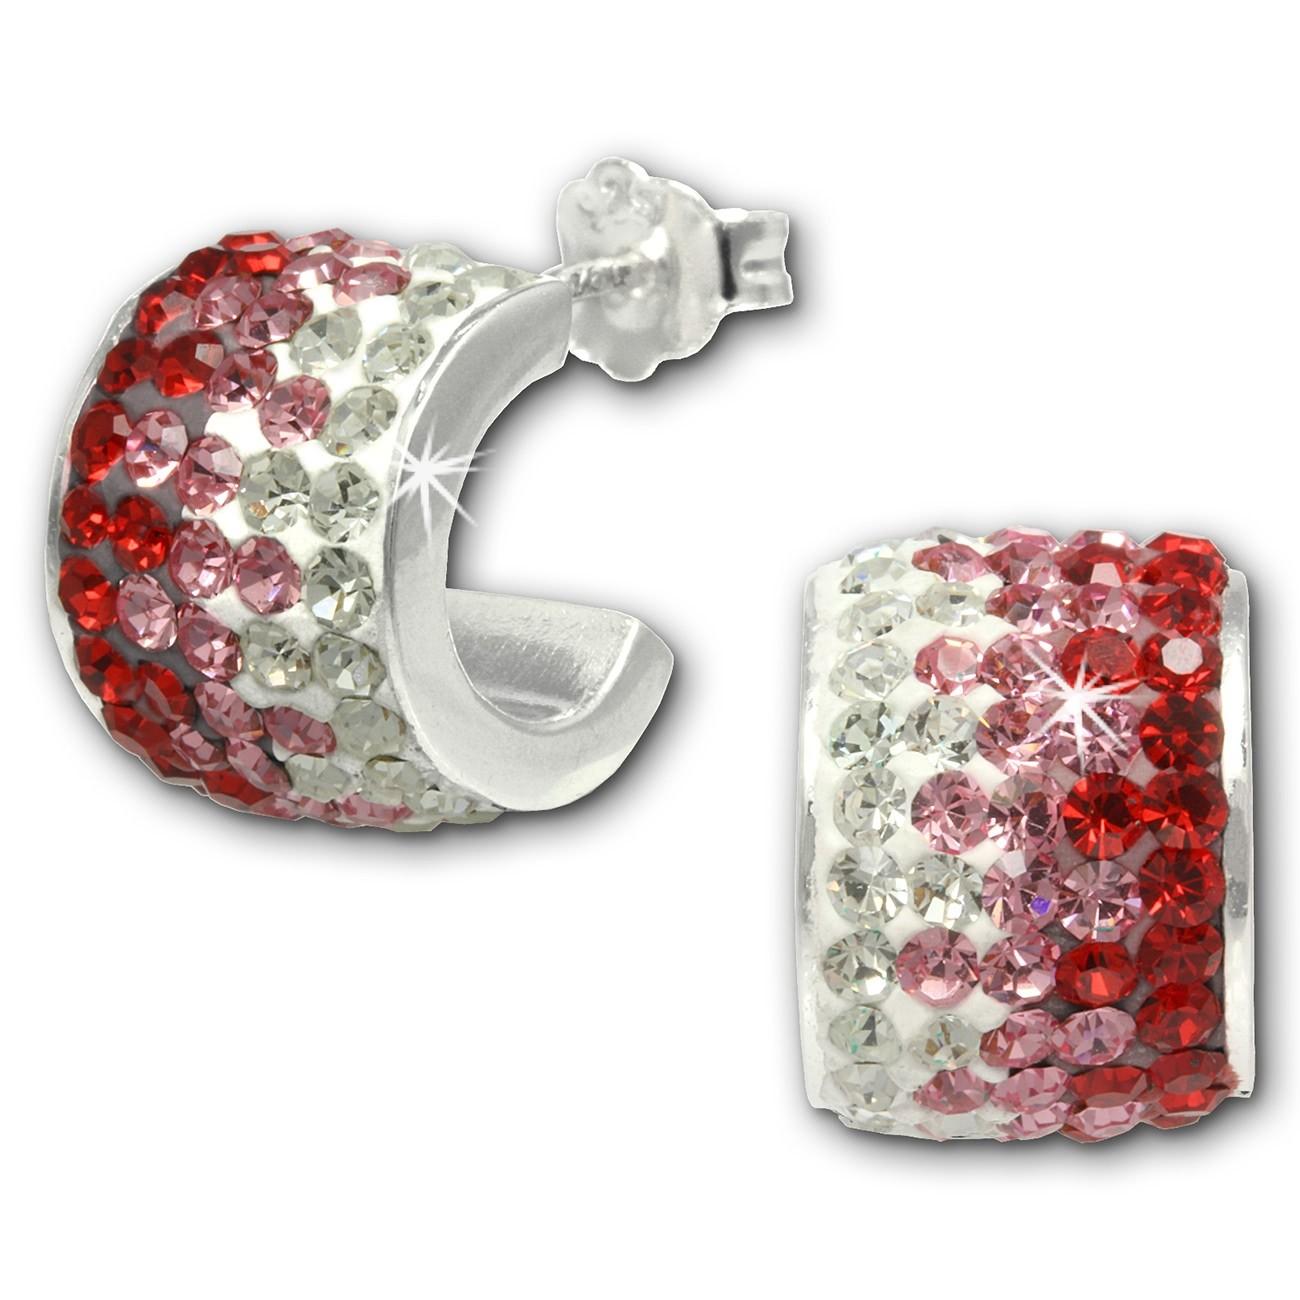 SilberDream Glitzer Creole Beauty Preciosa Kristalle rot GSO010R